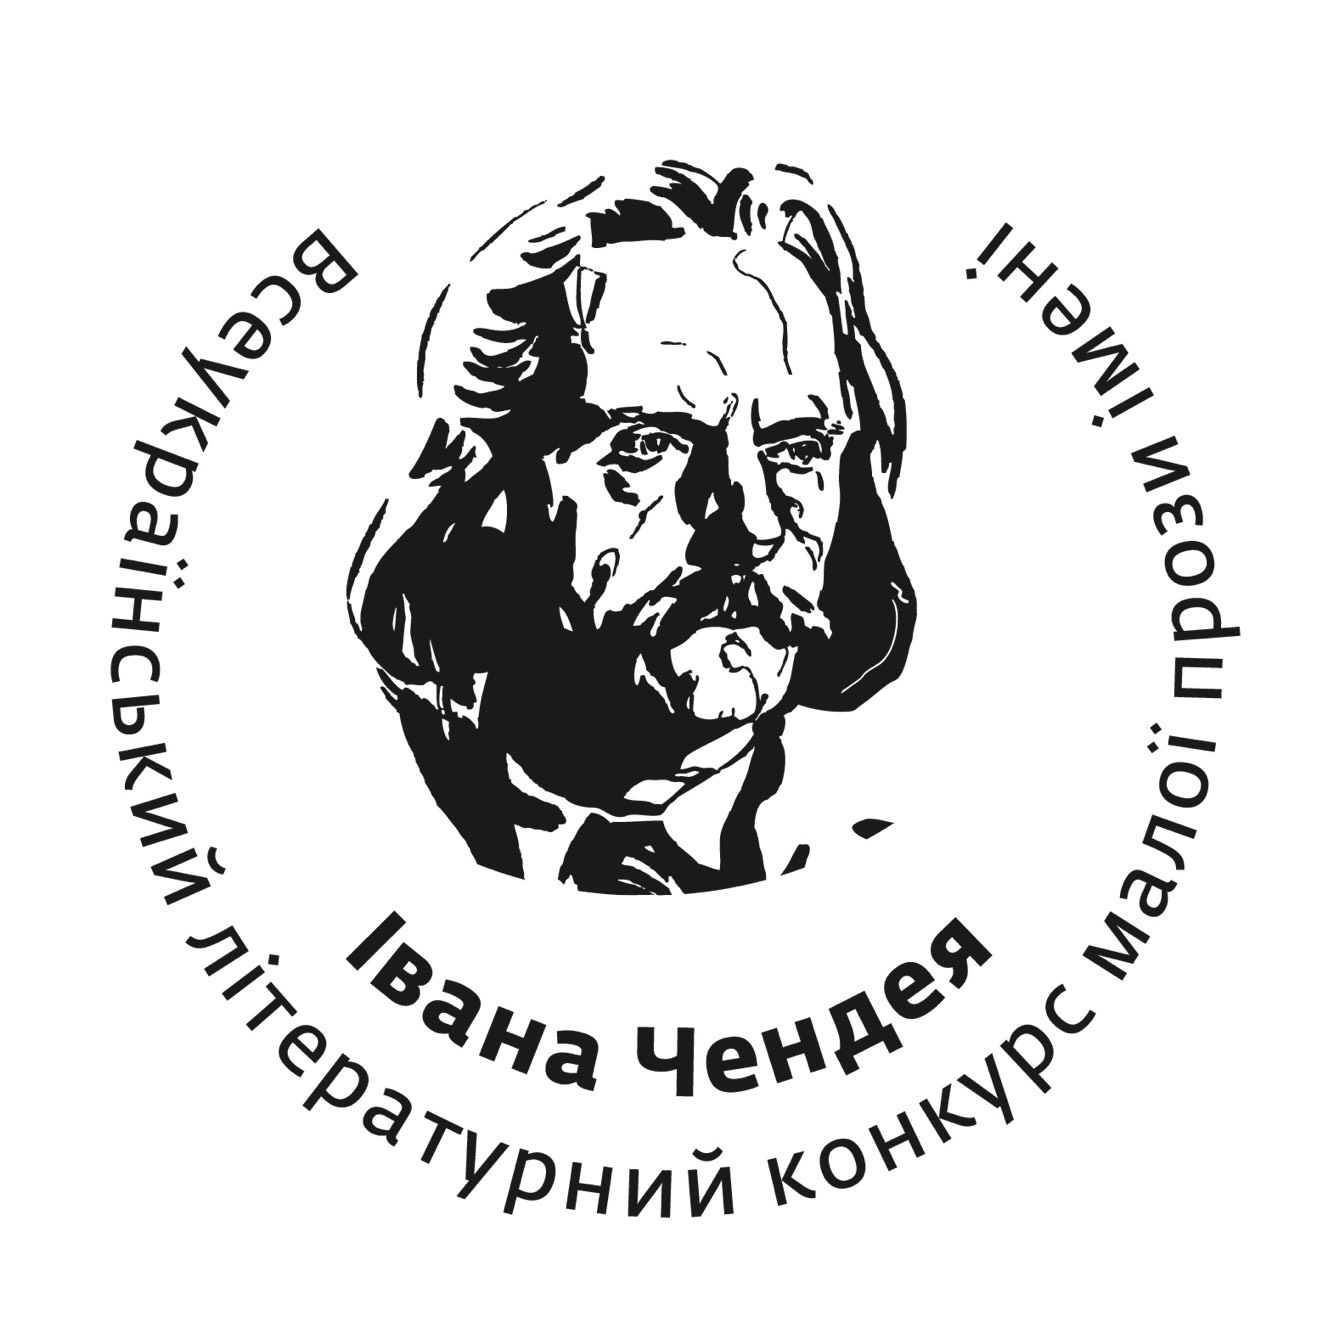 Розпочався прийом творів на здобуття премії всеукраїнського літературного конкурсу ім. Чендея